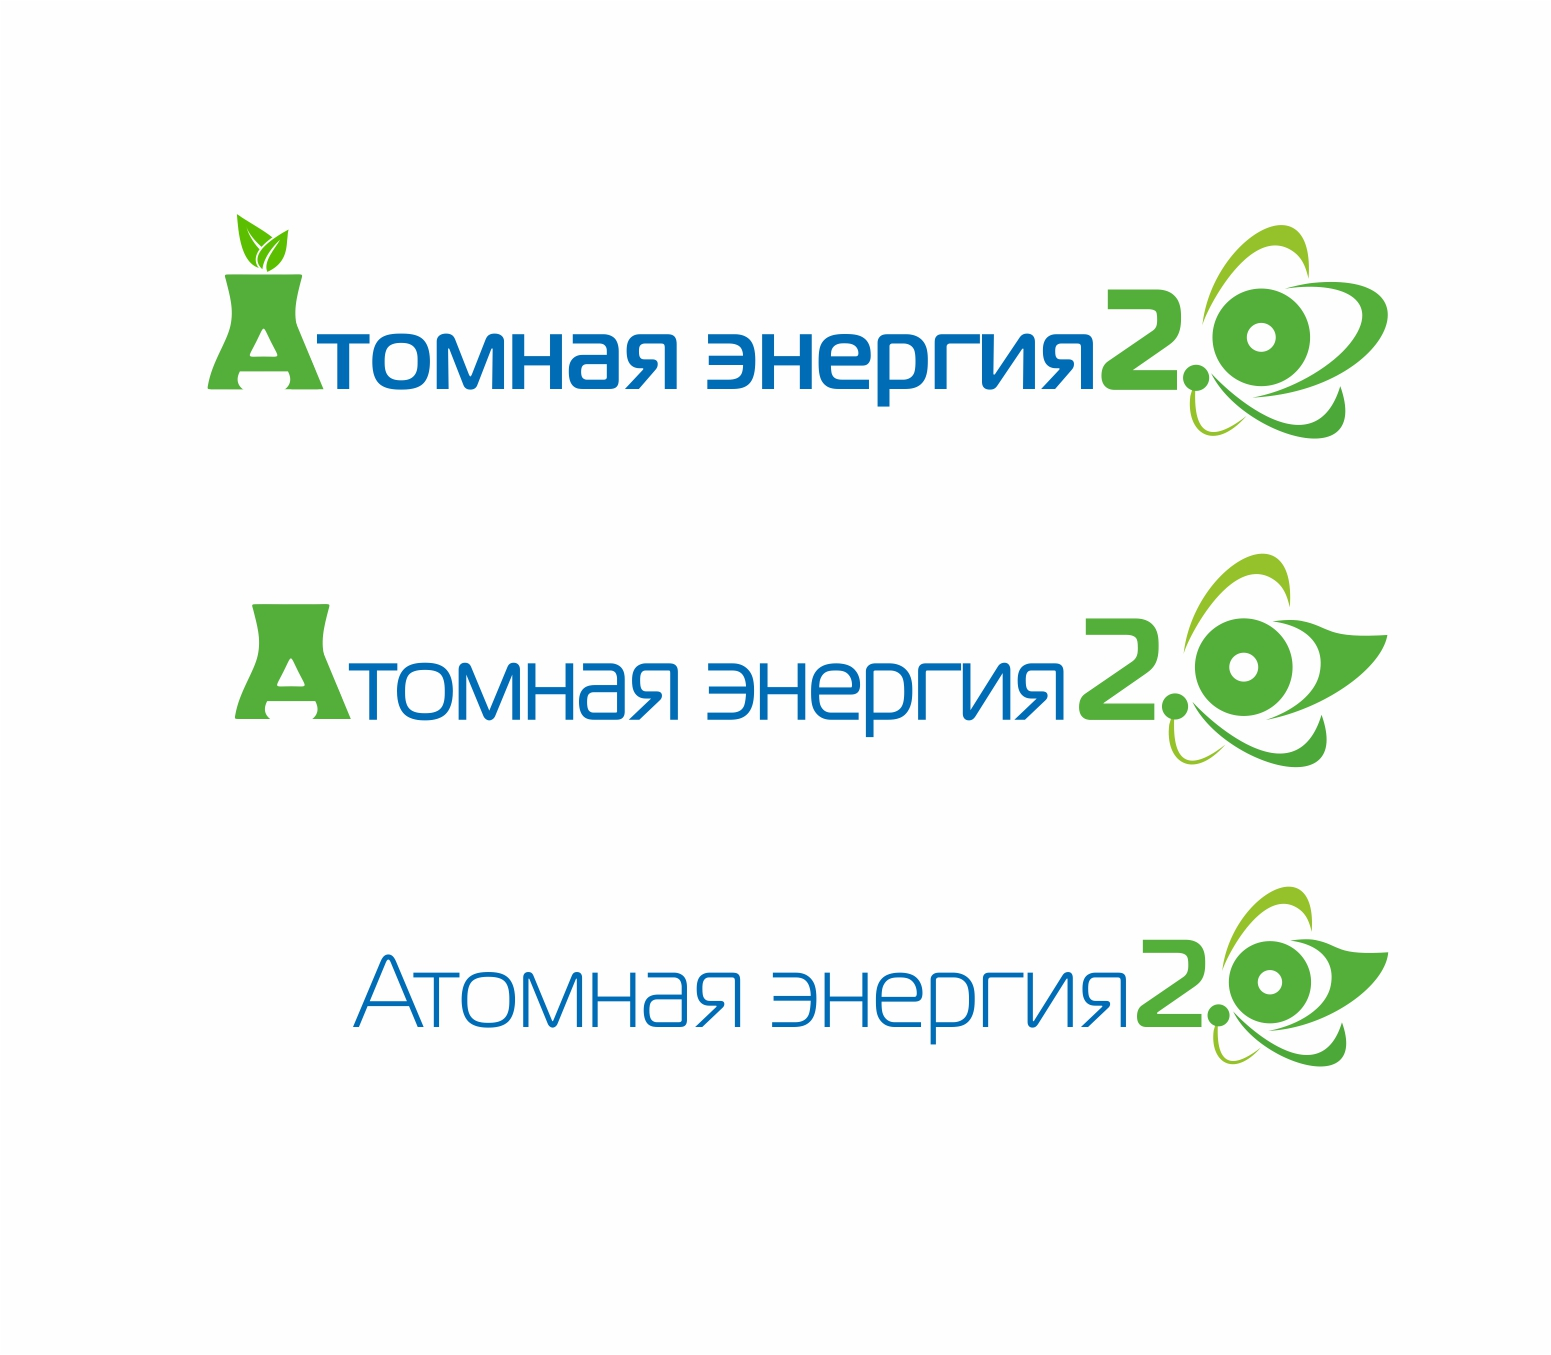 """Фирменный стиль для научного портала """"Атомная энергия 2.0"""" фото f_04759dde31de2f62.jpg"""